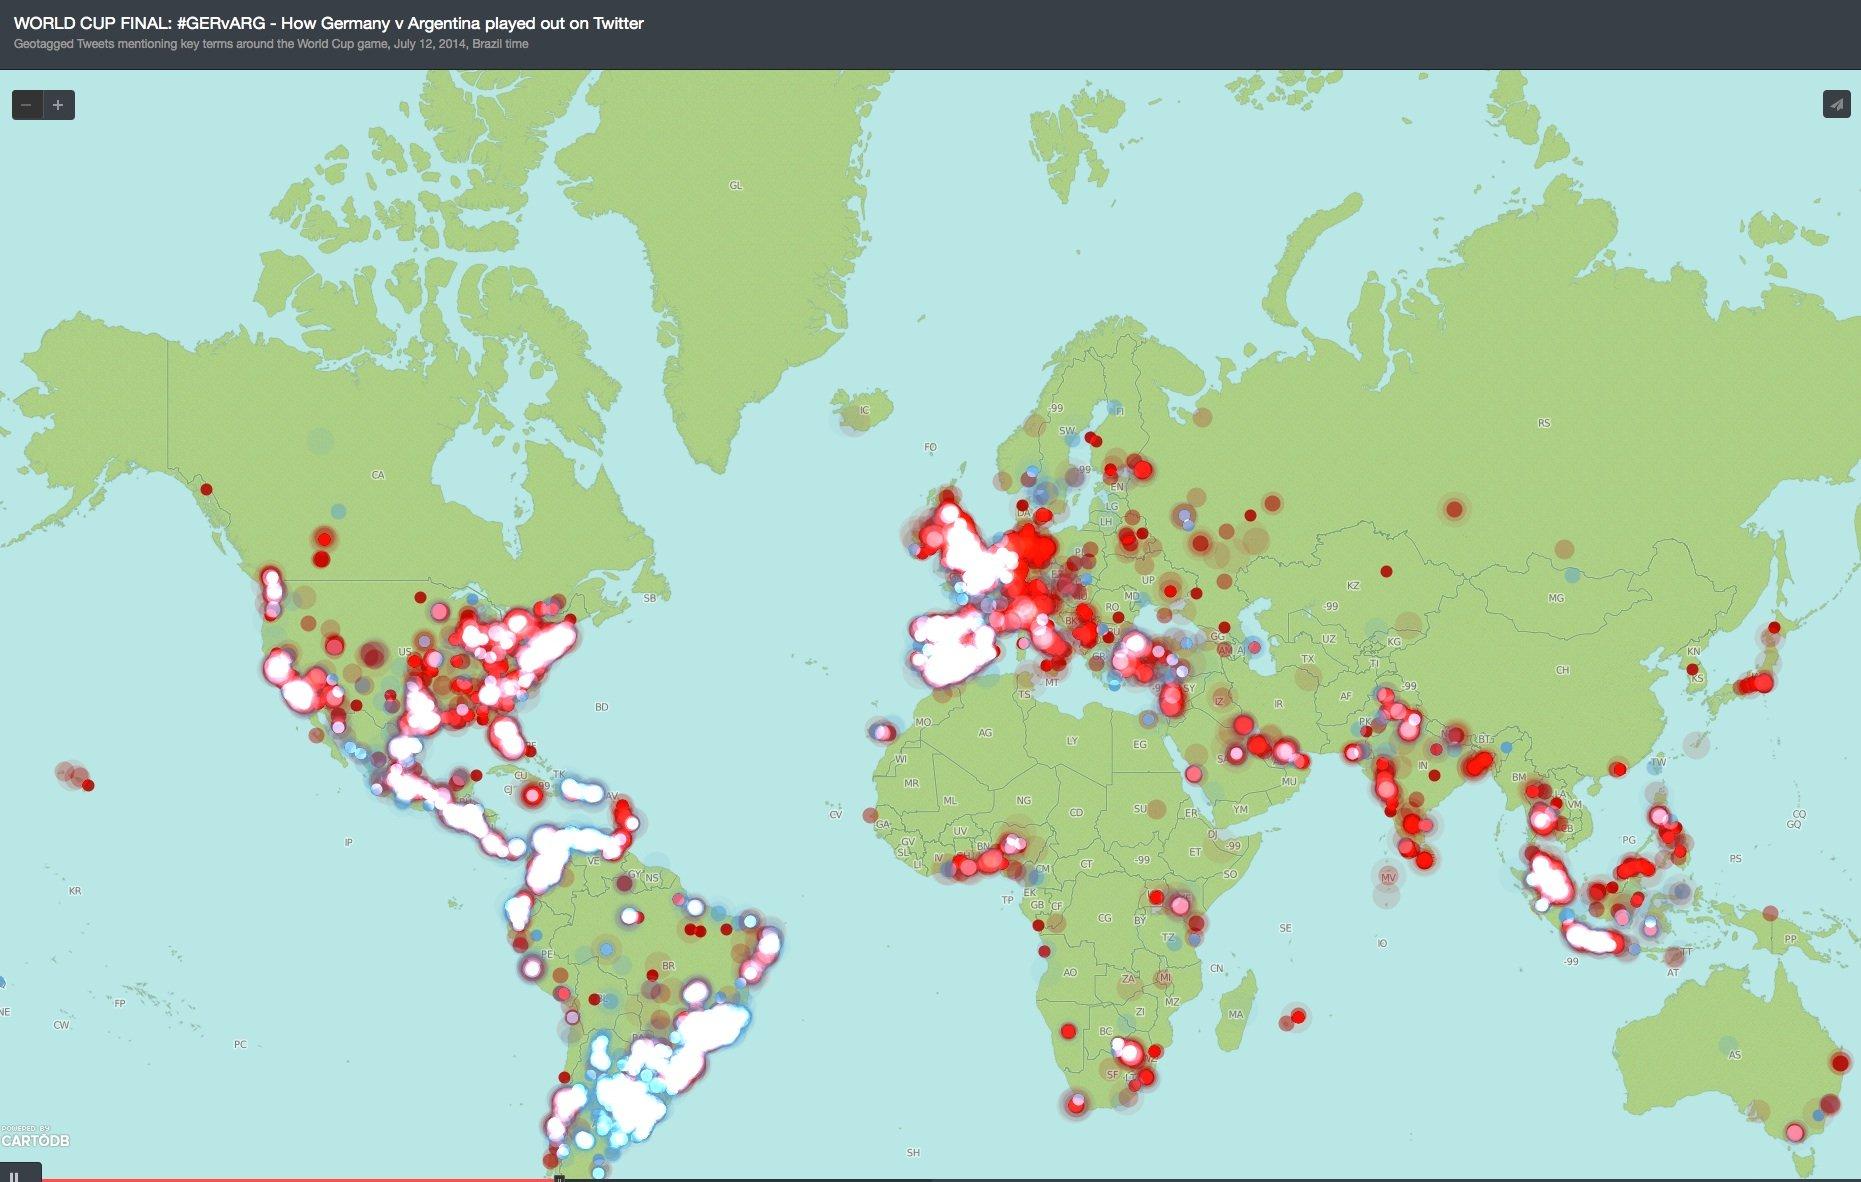 Twitter-Weltkarte während des WM-Endspiels Deutschland-Argentinien: Die meisten Tweets gab es in Europa, Süd- und Nordamerika. Wenig los war in Afrika.